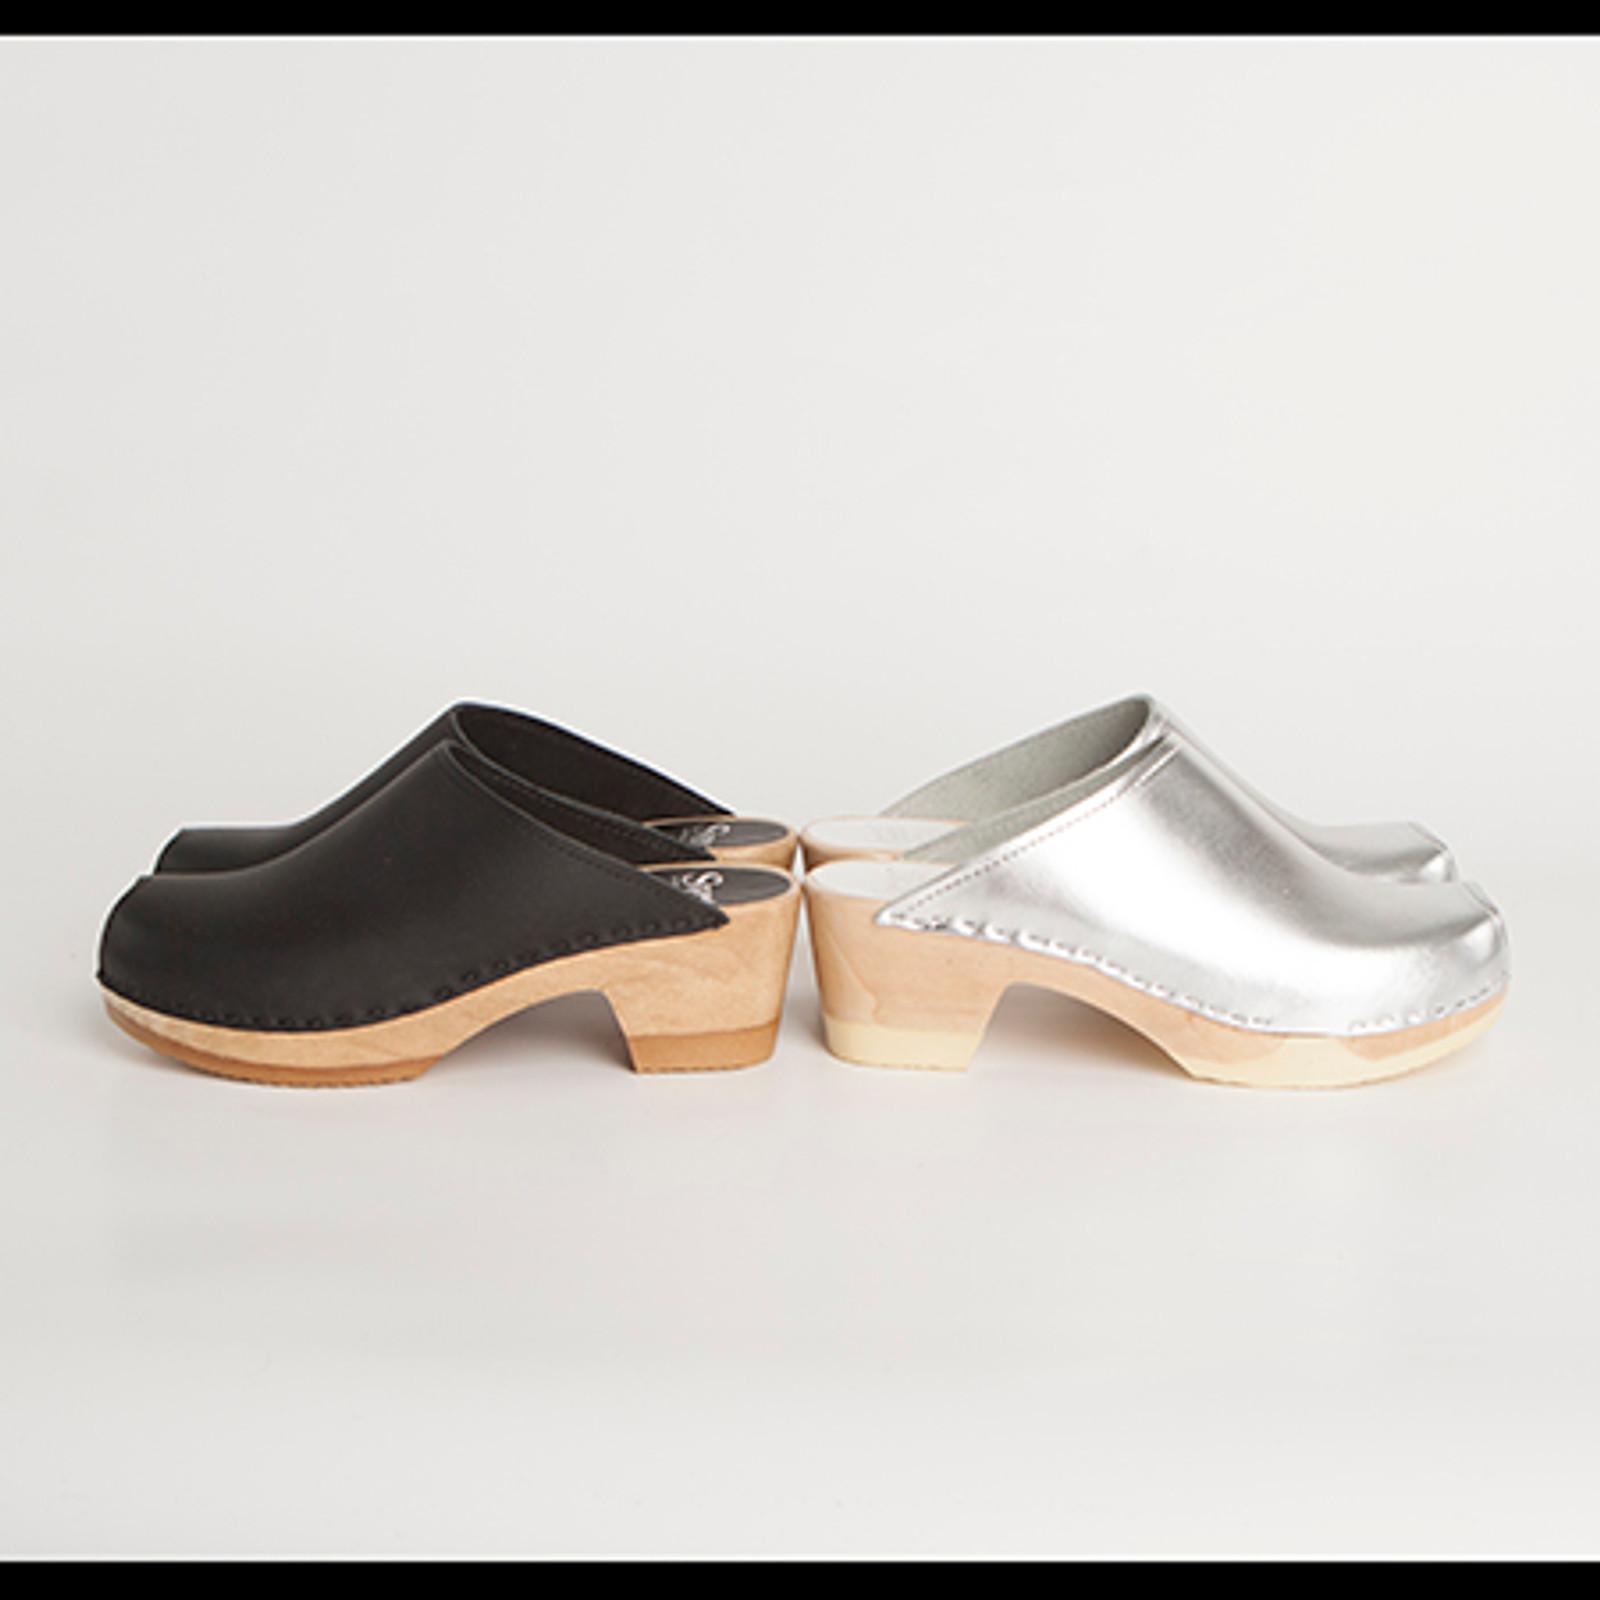 Peep Toe Plain Clogs - Bendable Mid Heel